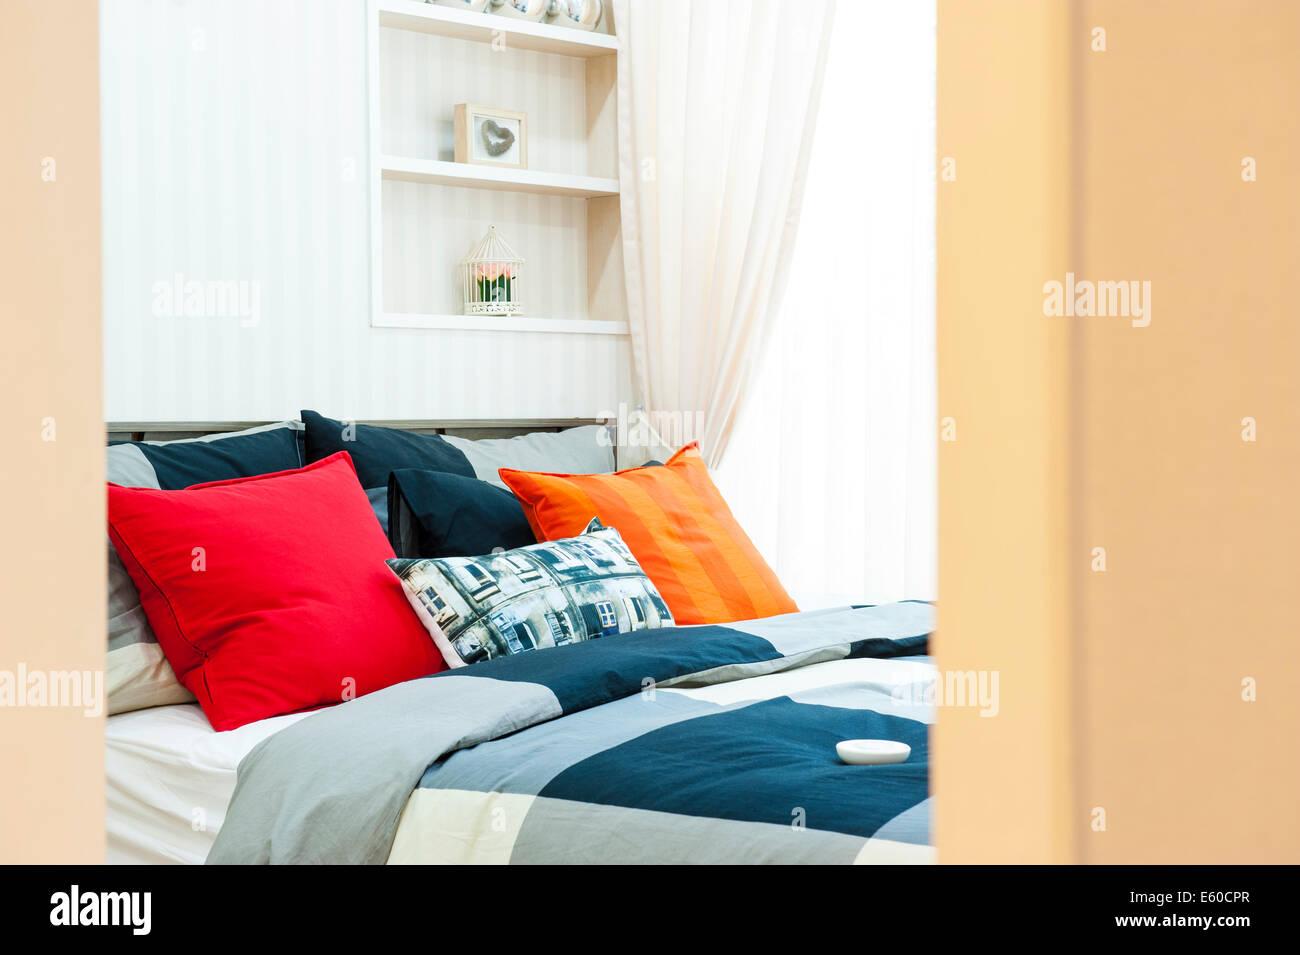 Abra el dormitorio con almohadas Imagen De Stock